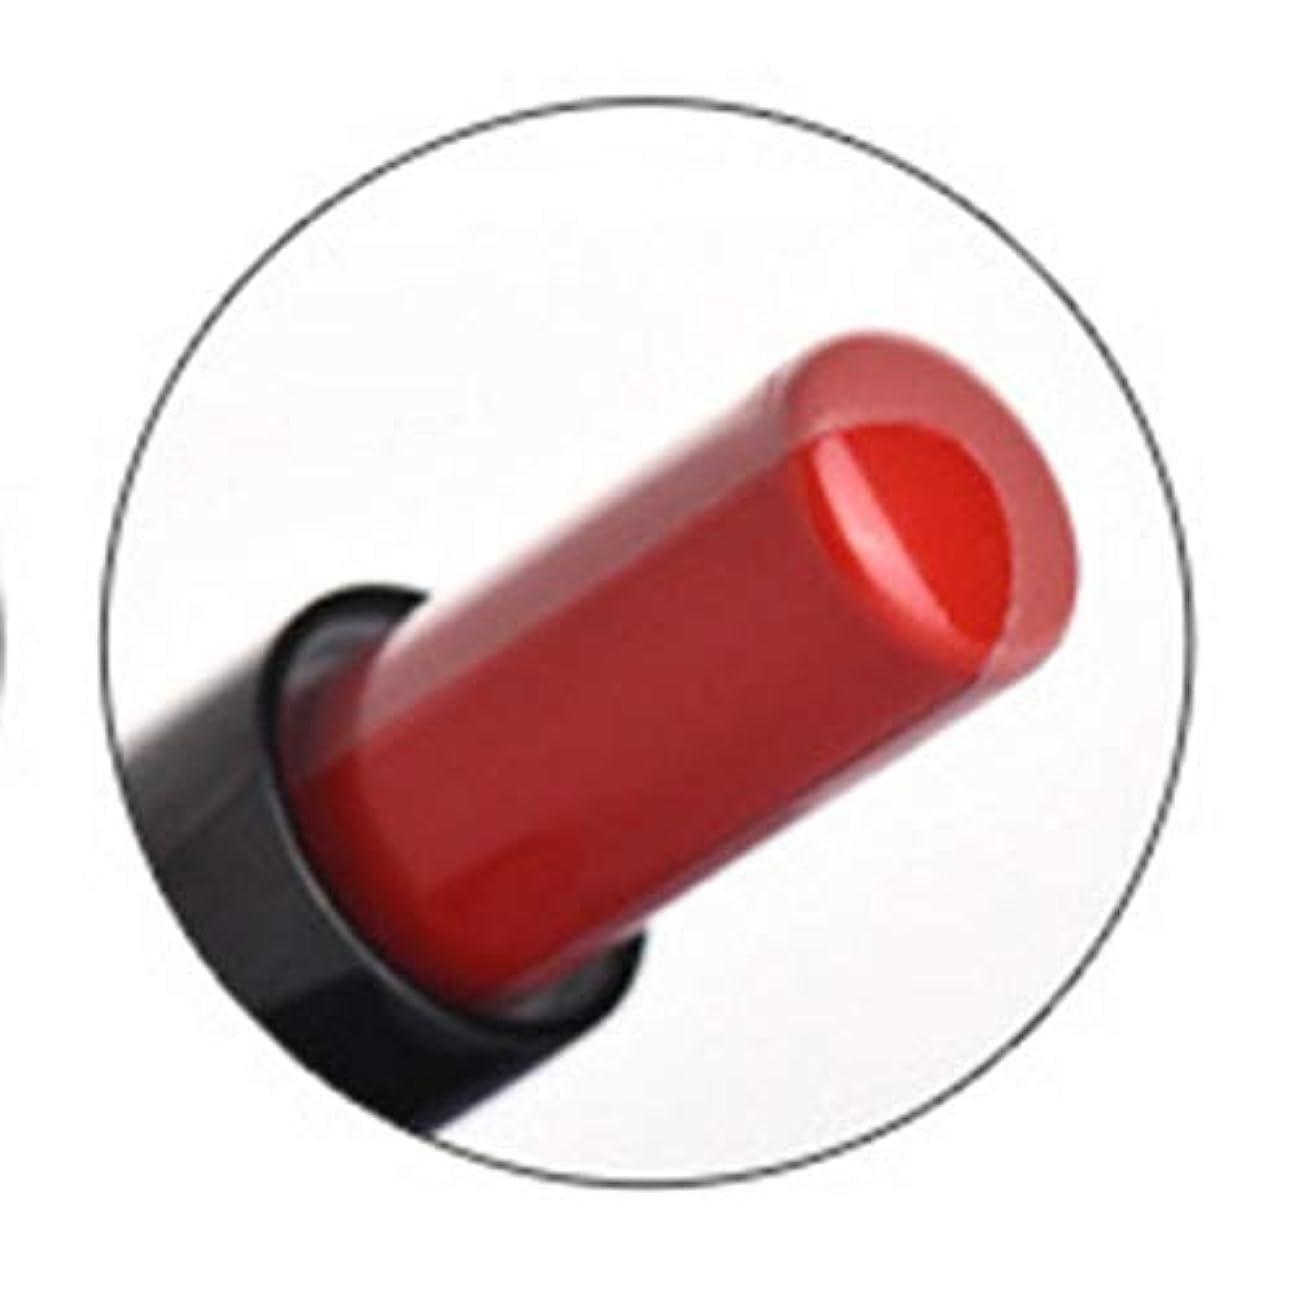 外交問題ラフト電池Wadachikis 優れた新しいファッション蜂蜜賞賛リップグロスリップスティックブランドダブルコアマルチカラー保湿口紅本物(None A)